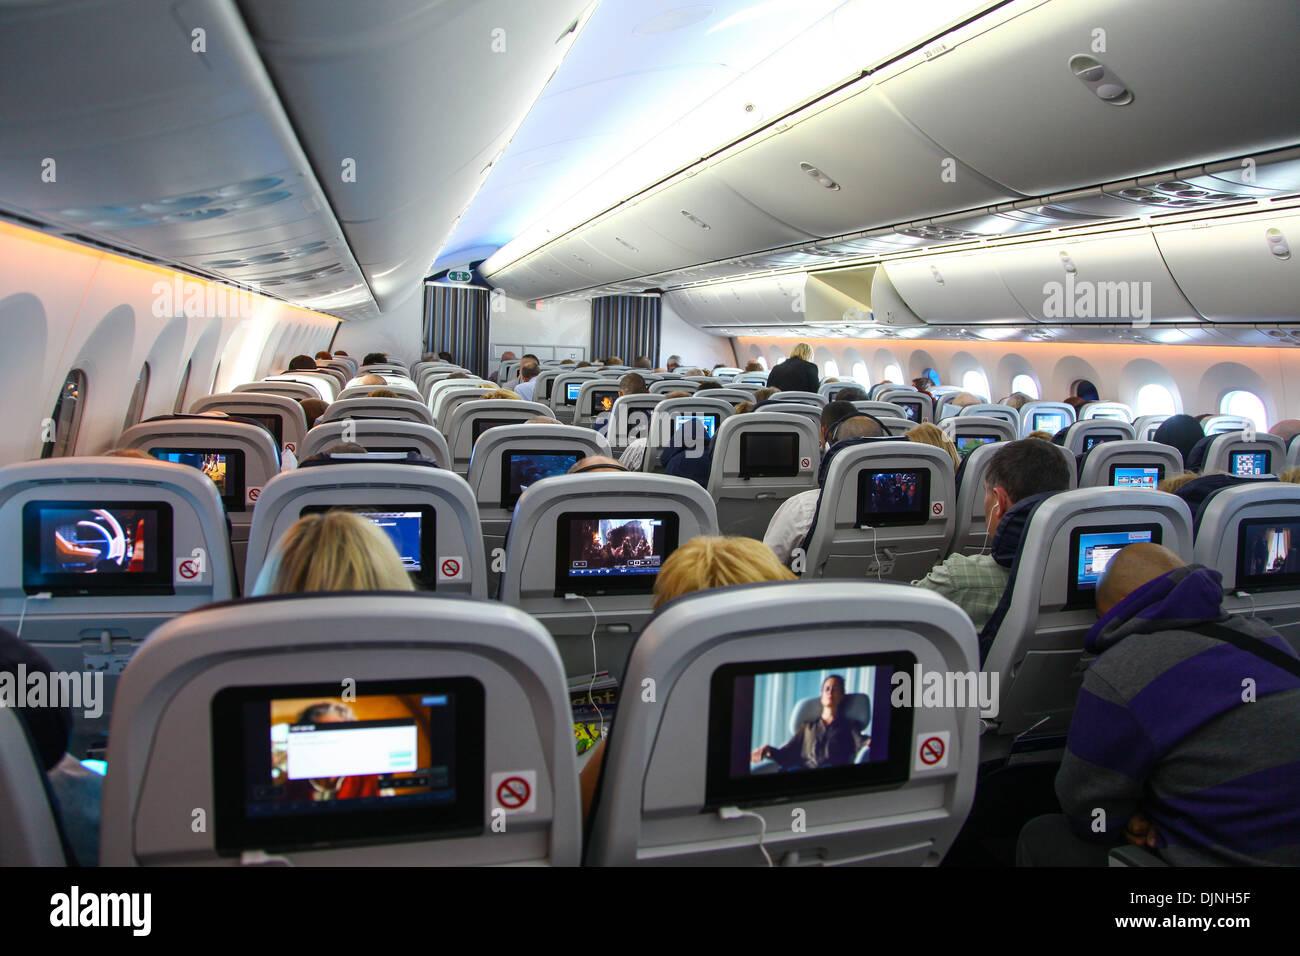 lintrieur dun boeing 787 dreamliner thompson airways avion montrant le passager individuel dans lcran de divertissement de bord